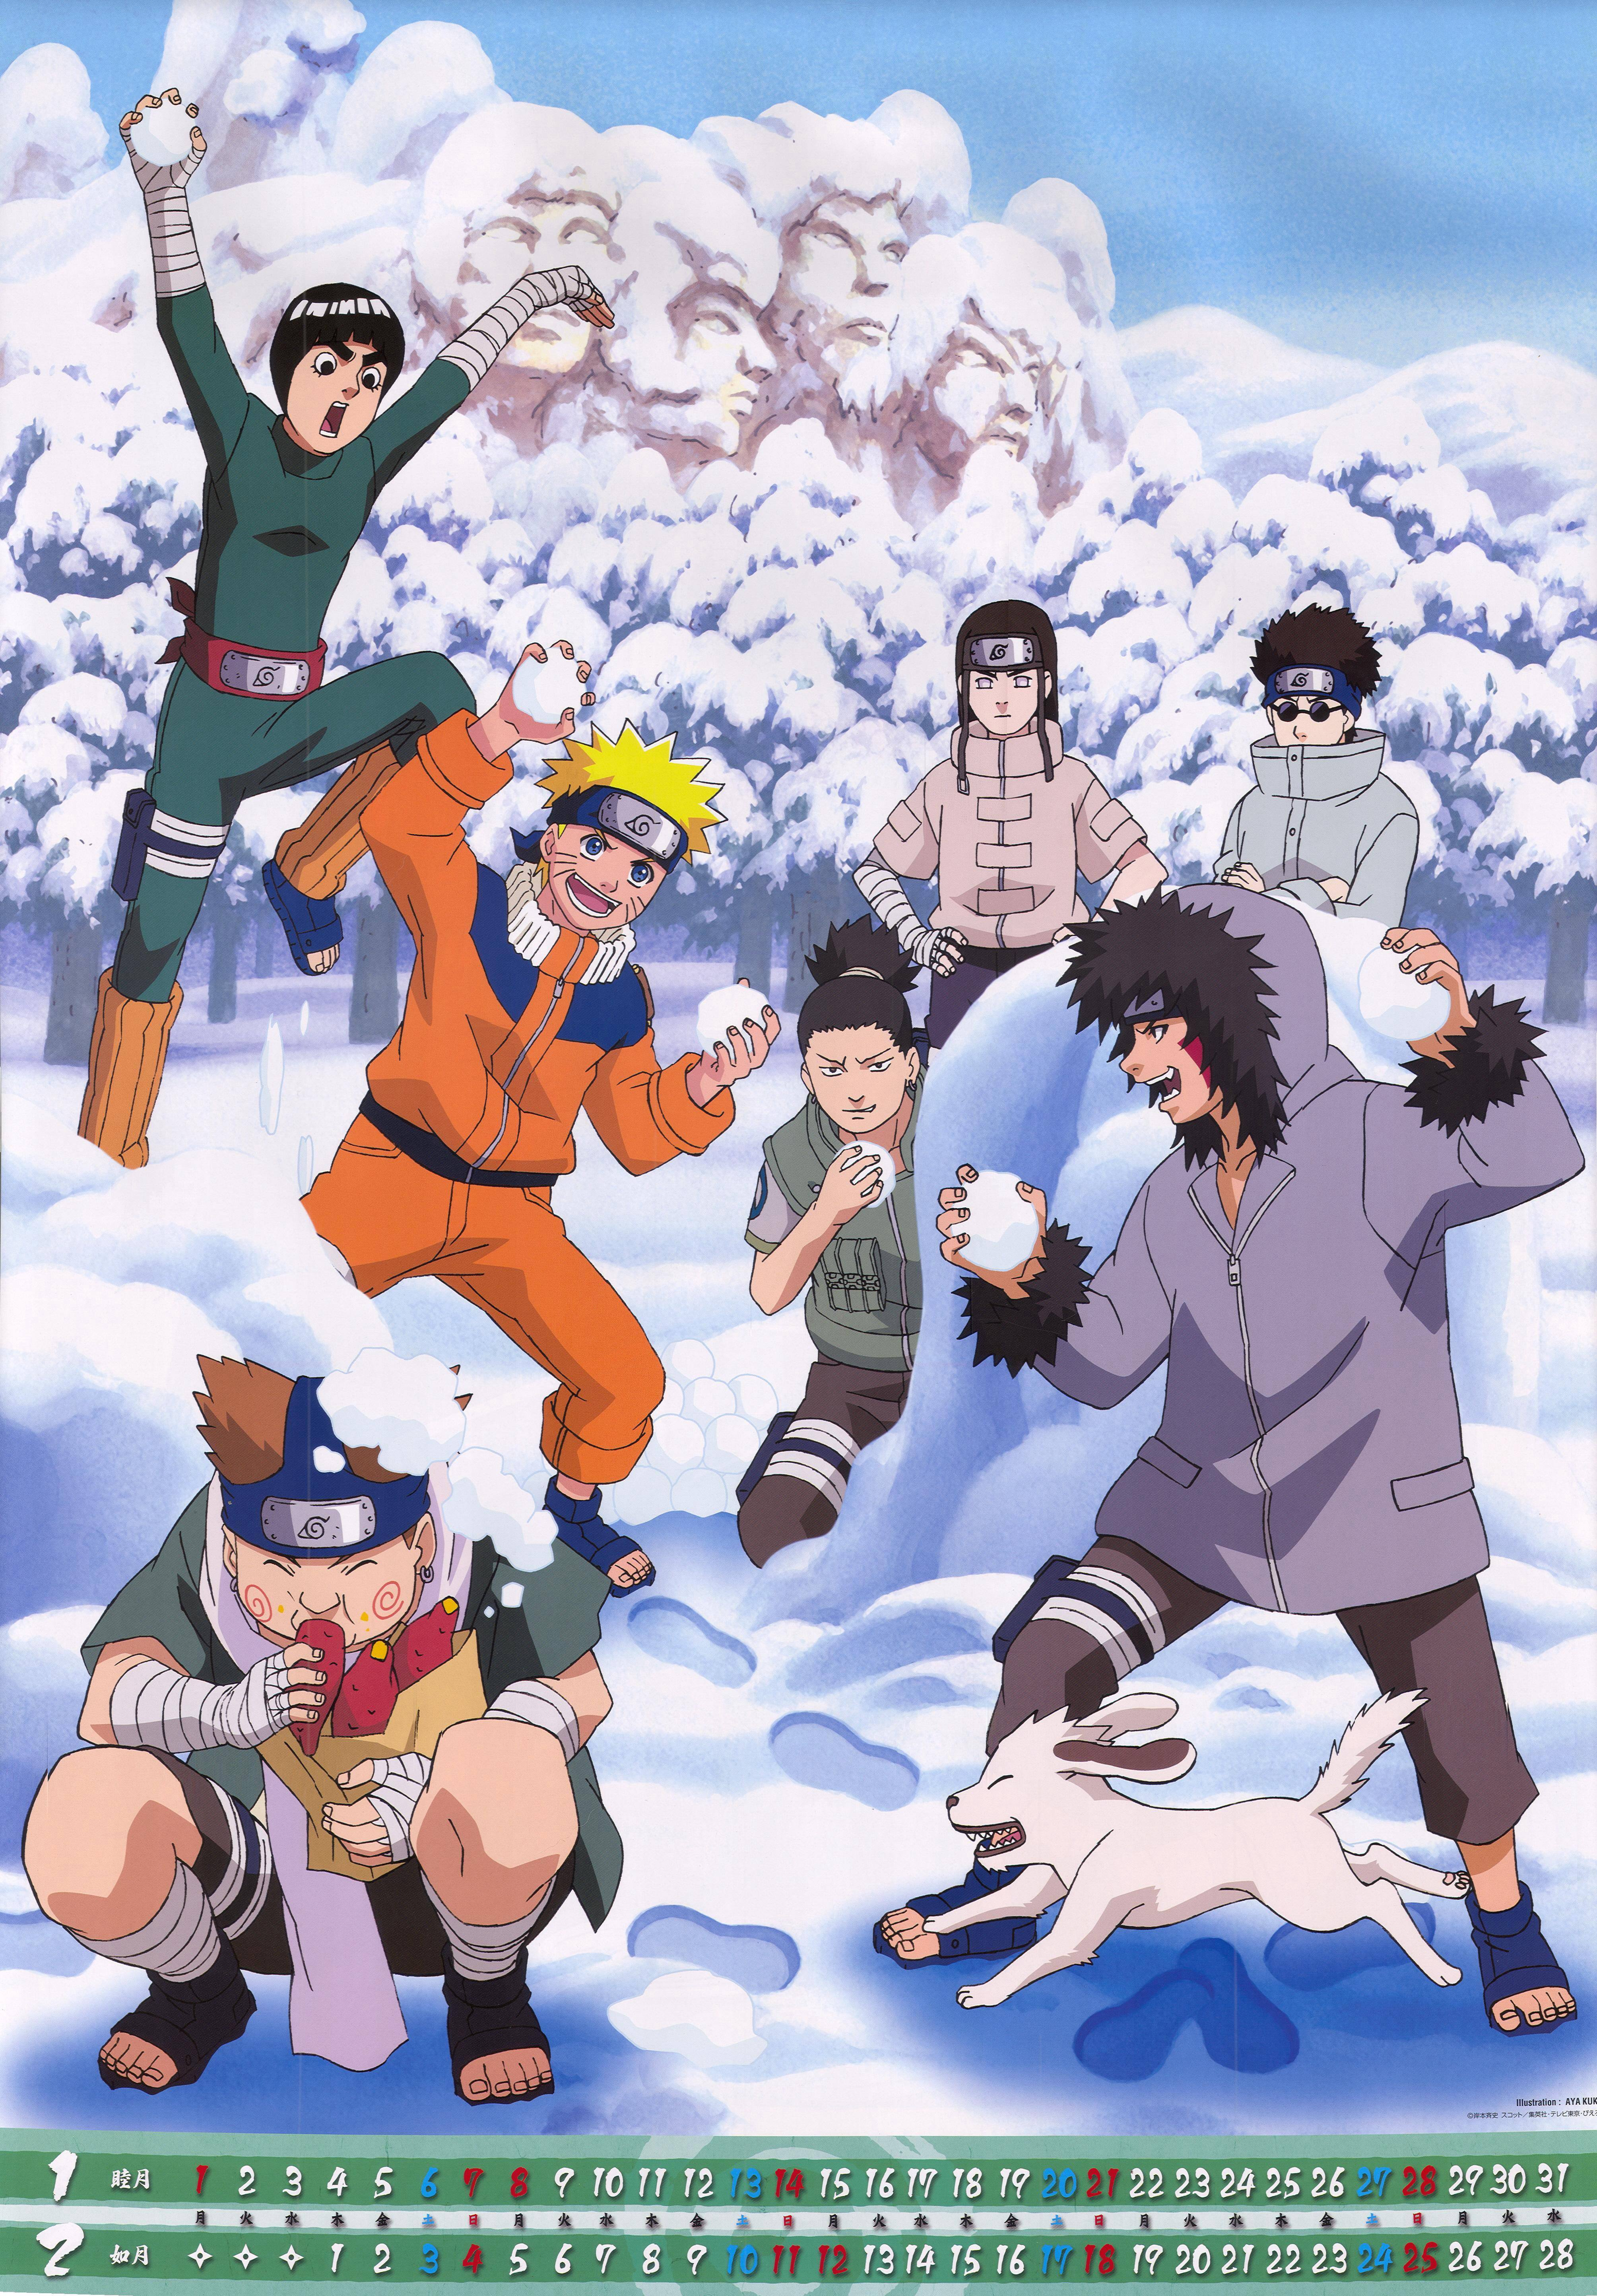 Rock Lee Shikamaru Neji Naruto Choji Shino And Kiba Rock Lee